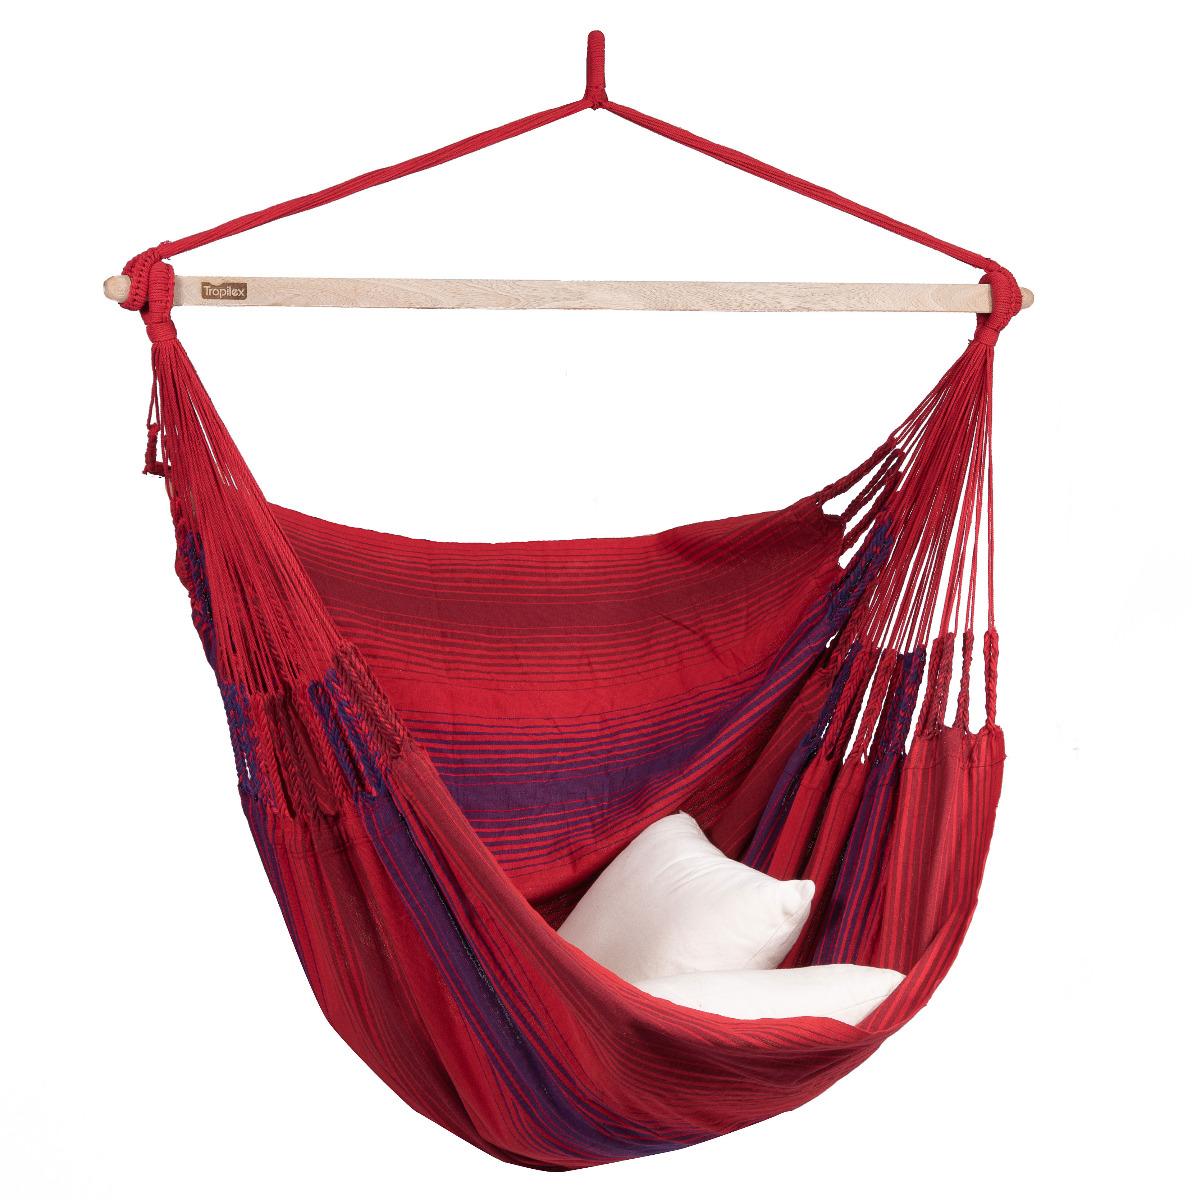 Hangstoel Tweepersoons 'Refresh' Bordeaux - Rood - Tropilex �